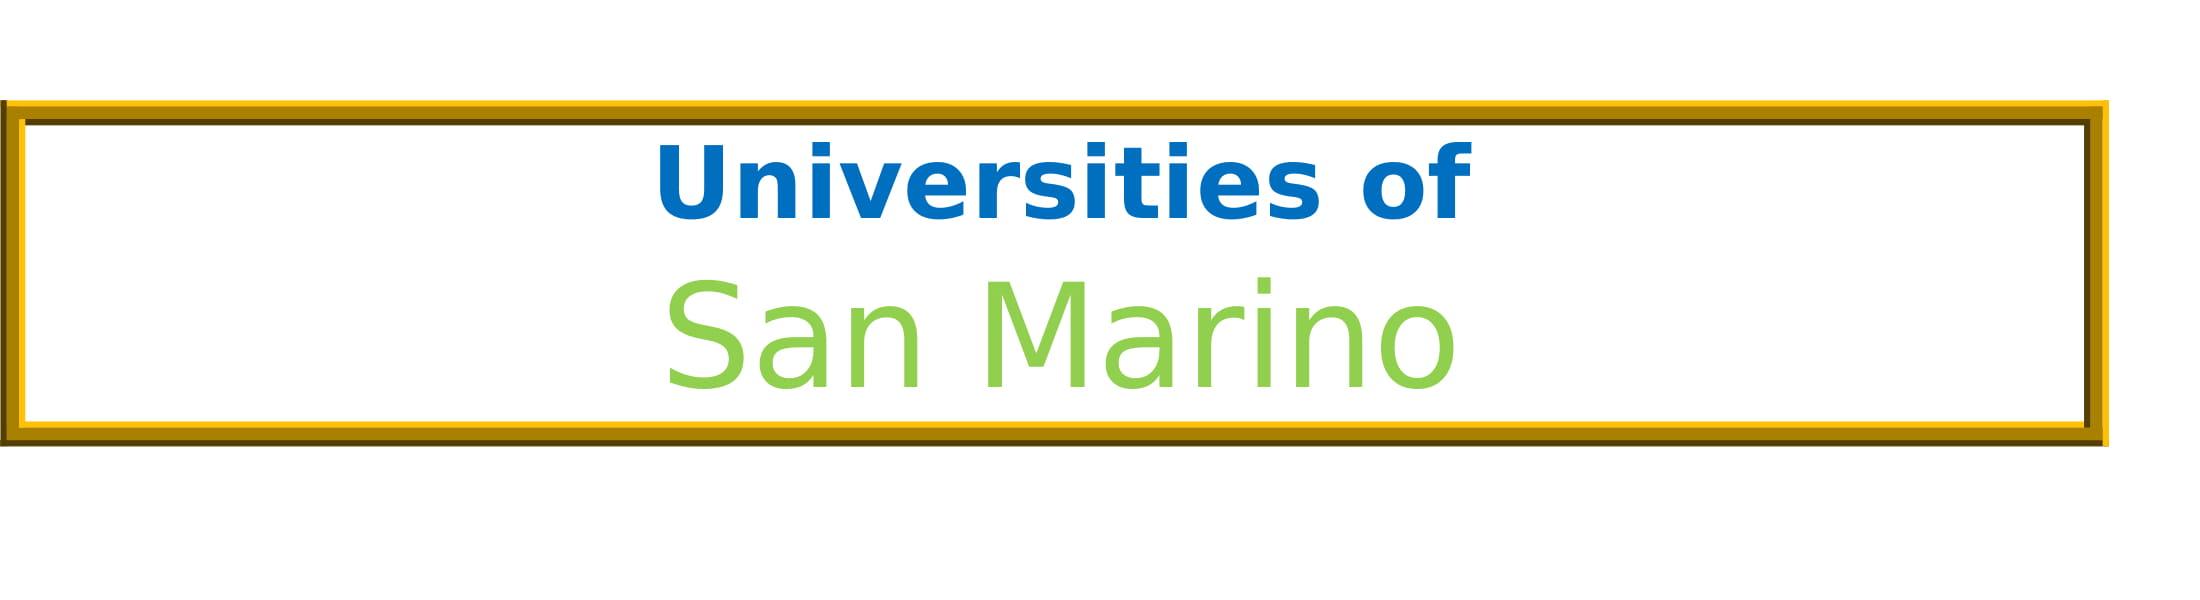 List of Universities in San Marino